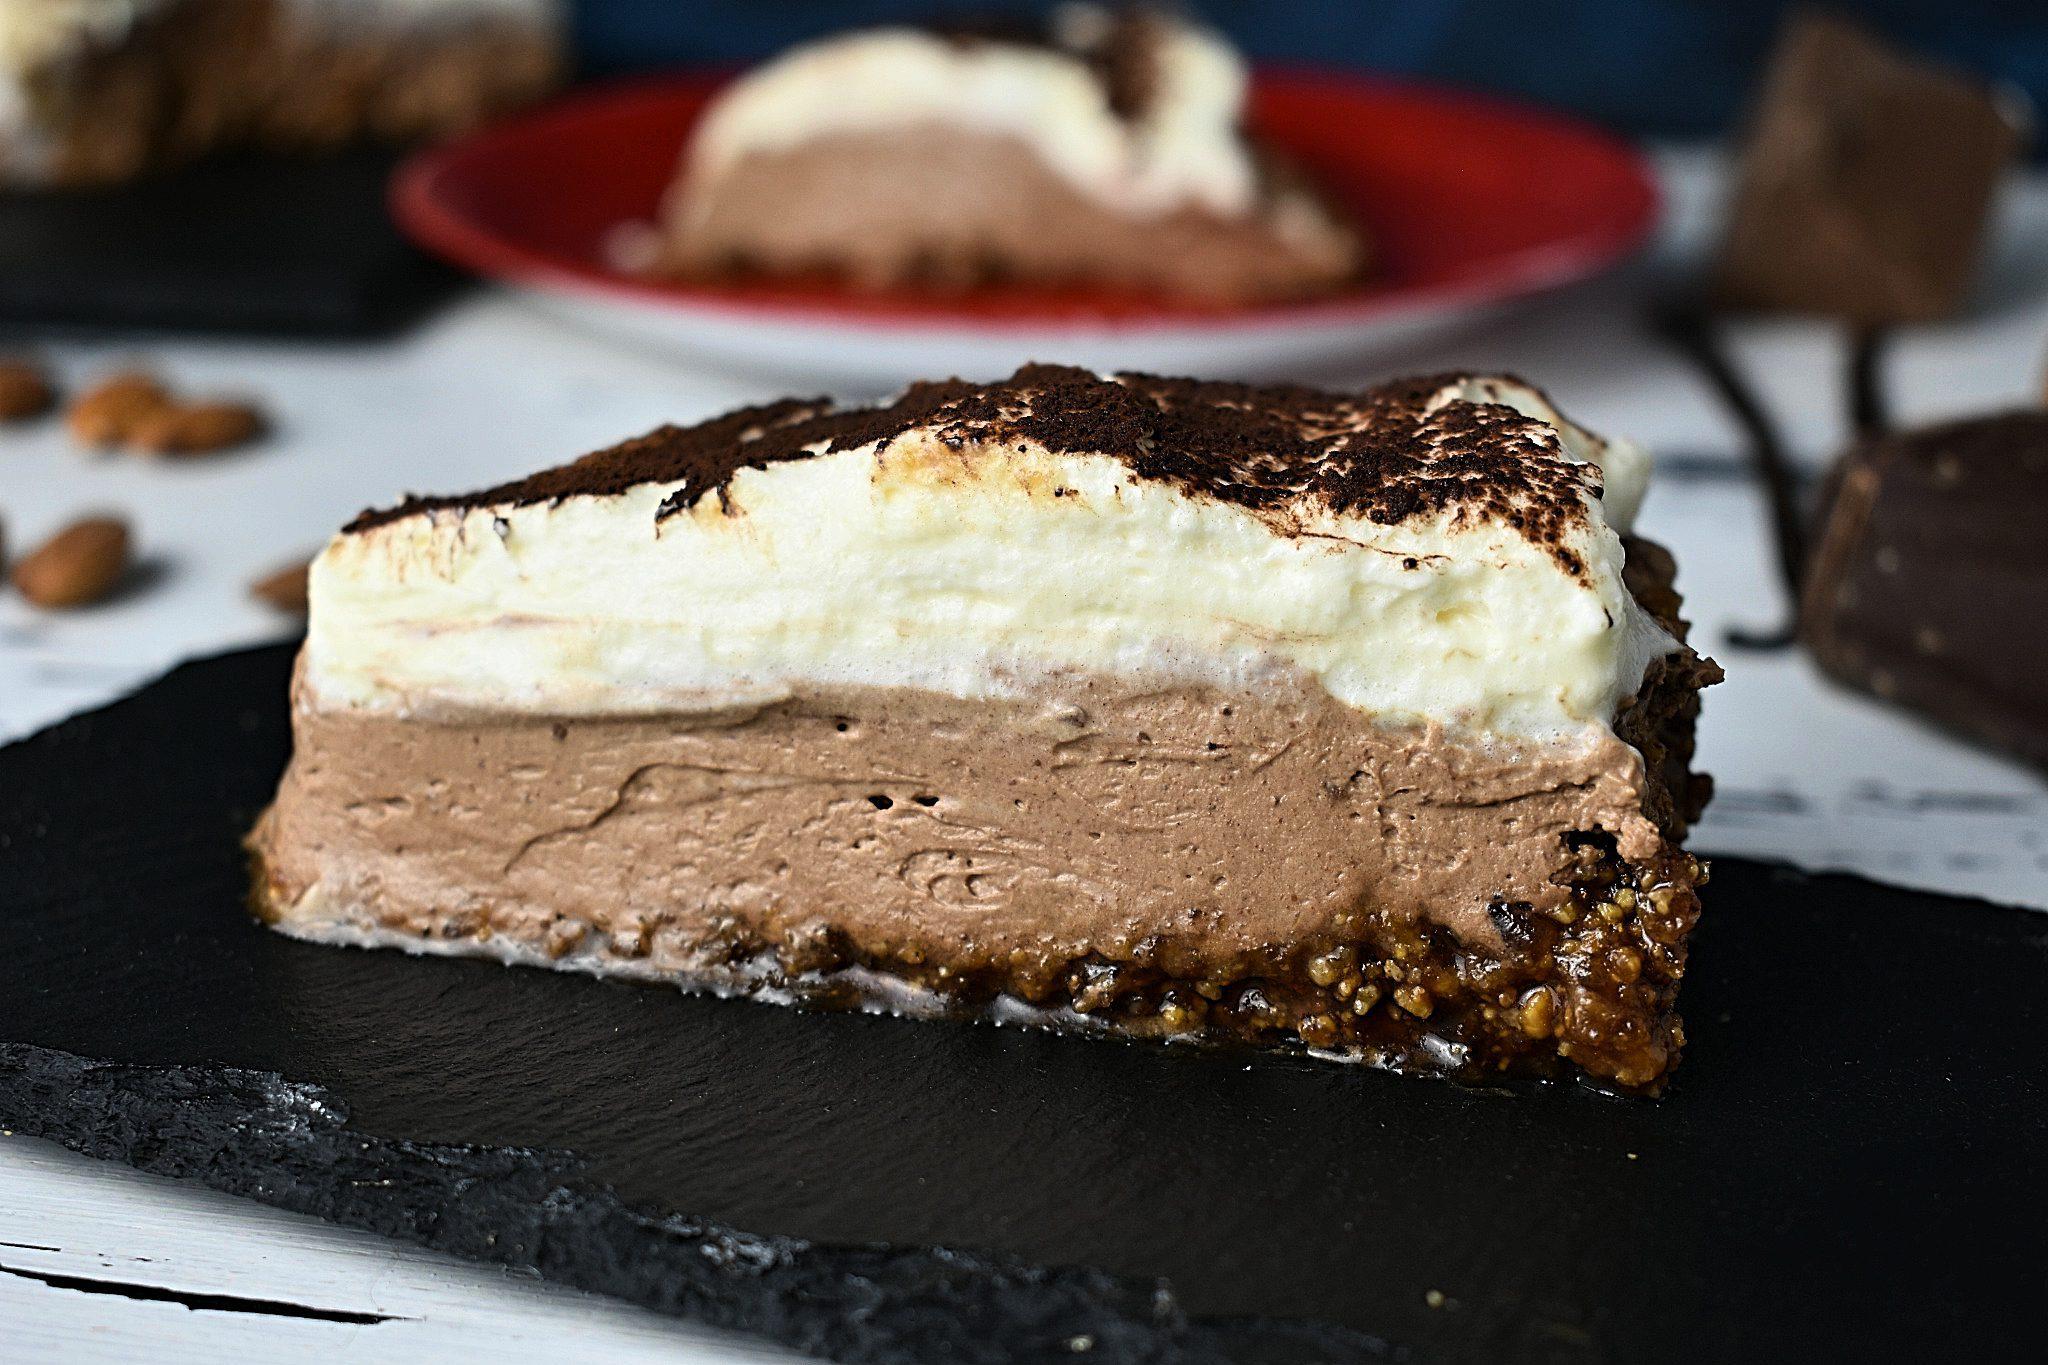 Healthy-tiramisu-cheesecake-2-SunCakeMom